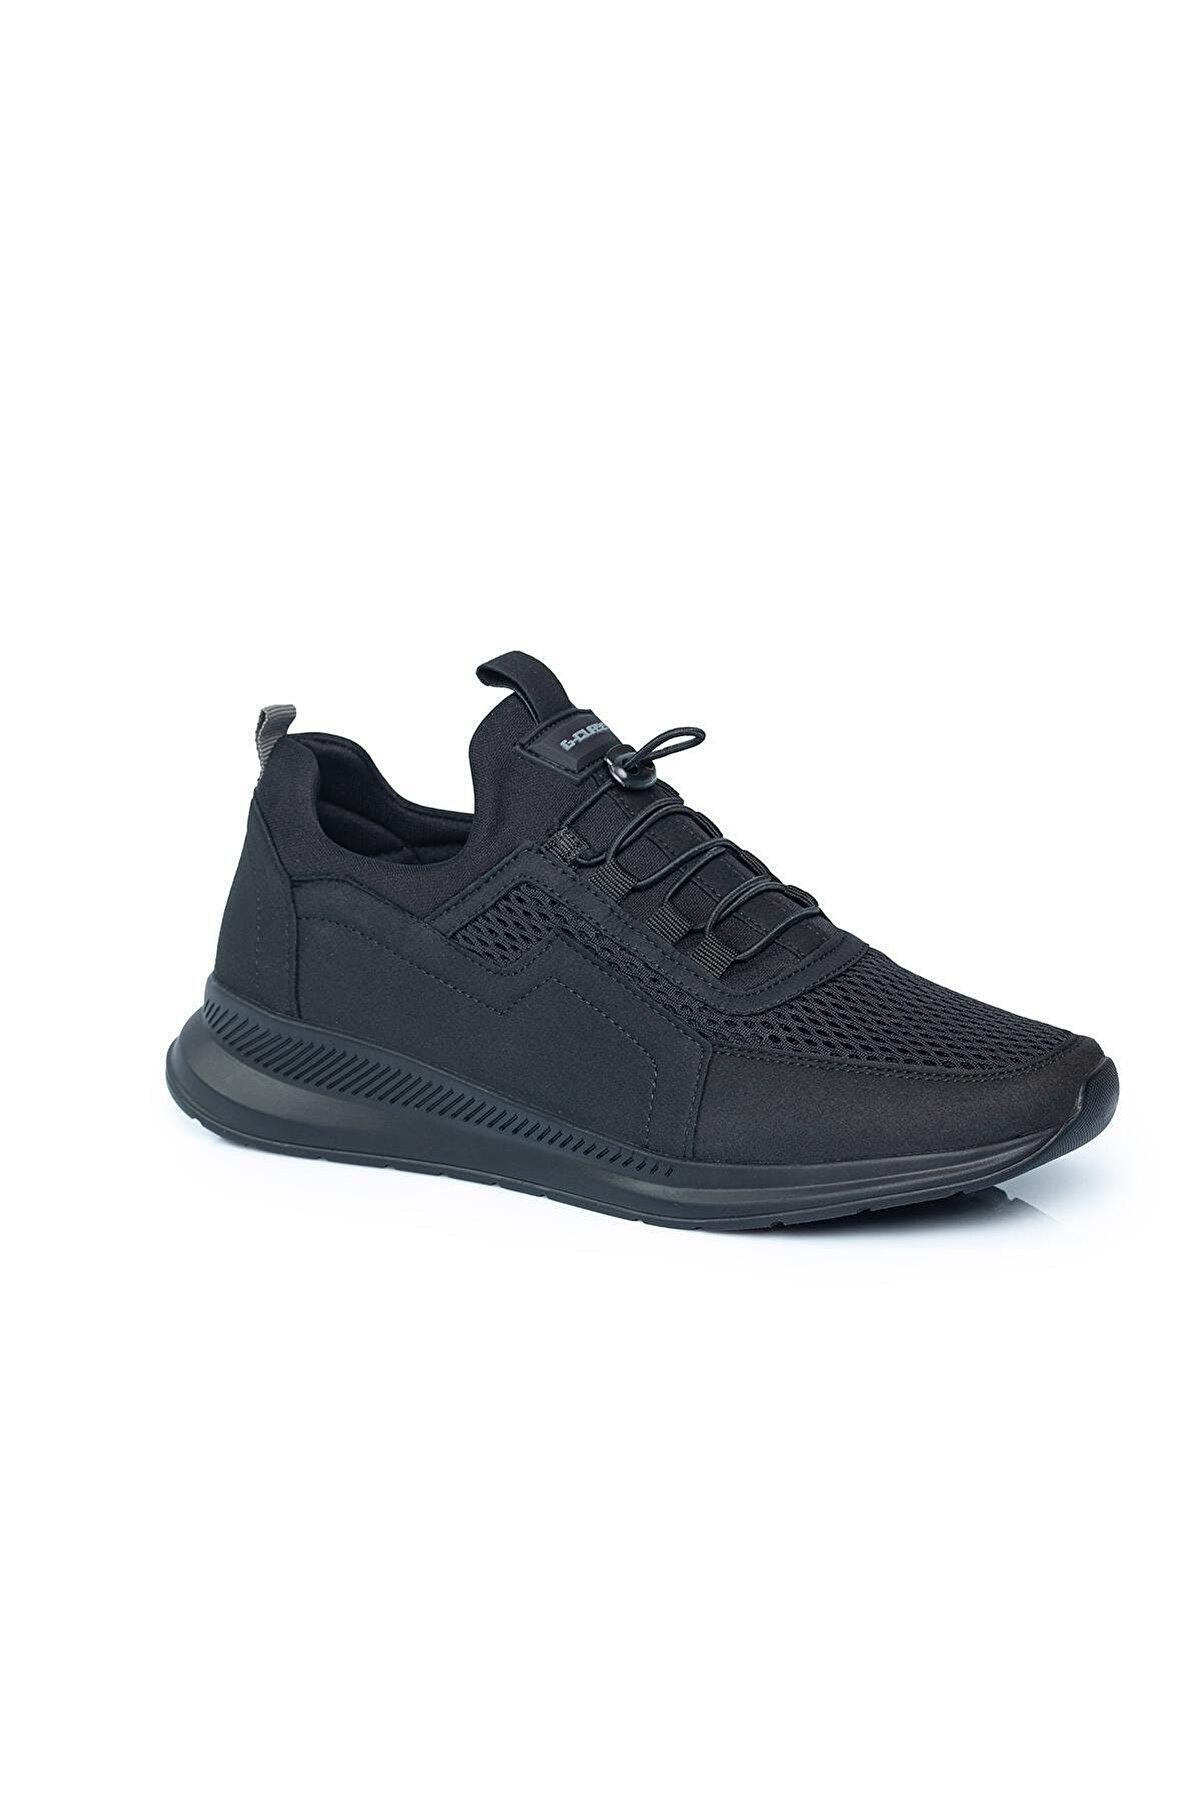 G-CLASS Erkek Günlük Rahat Spor Ayakkabı Sneaker 608gc